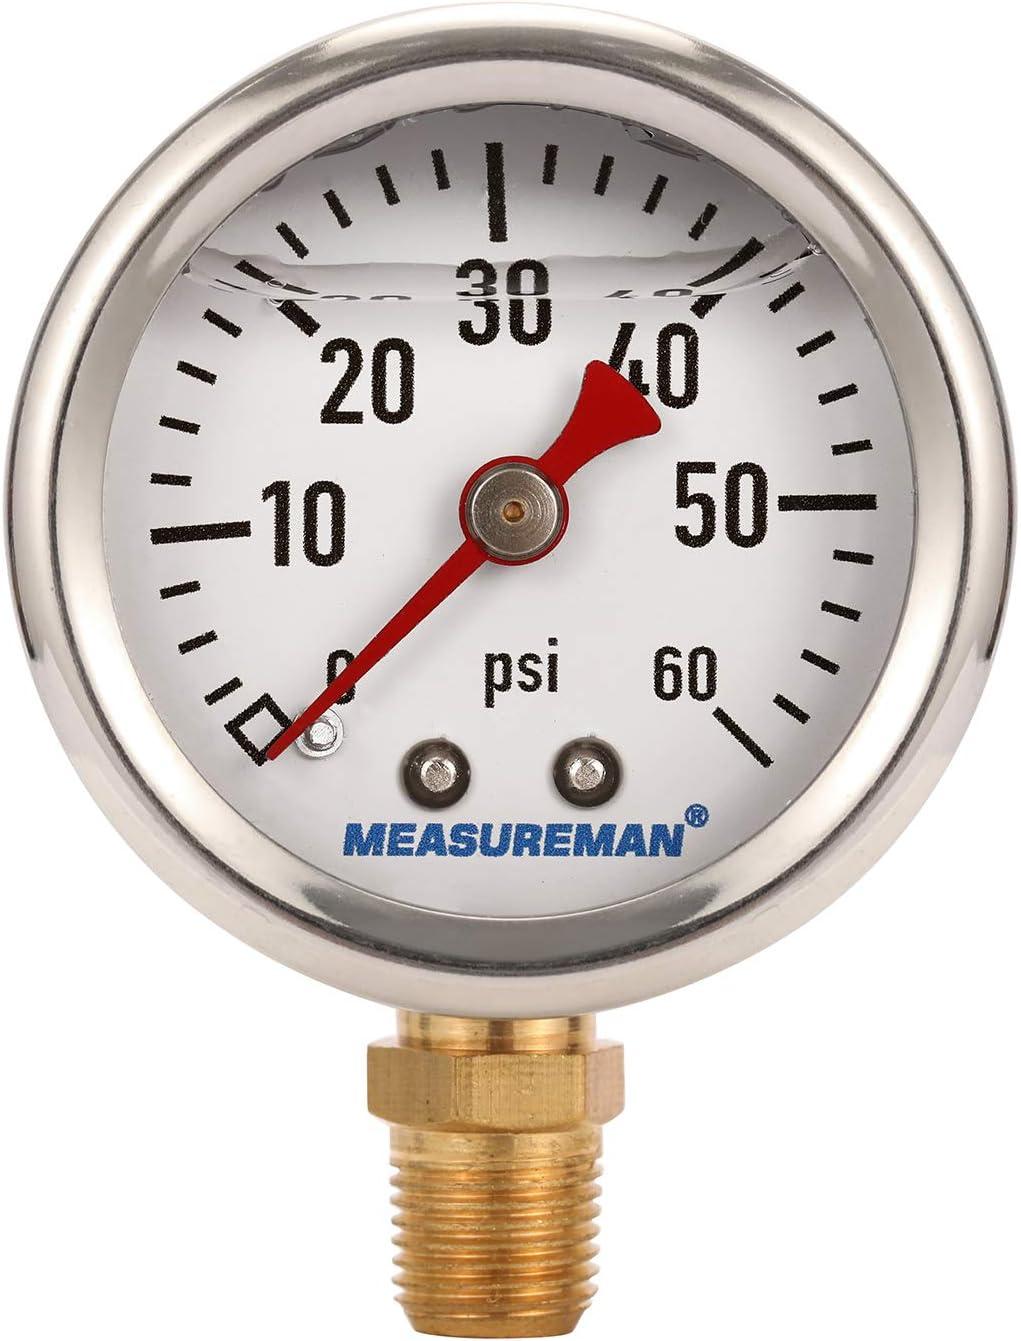 Measureman 1-1 2